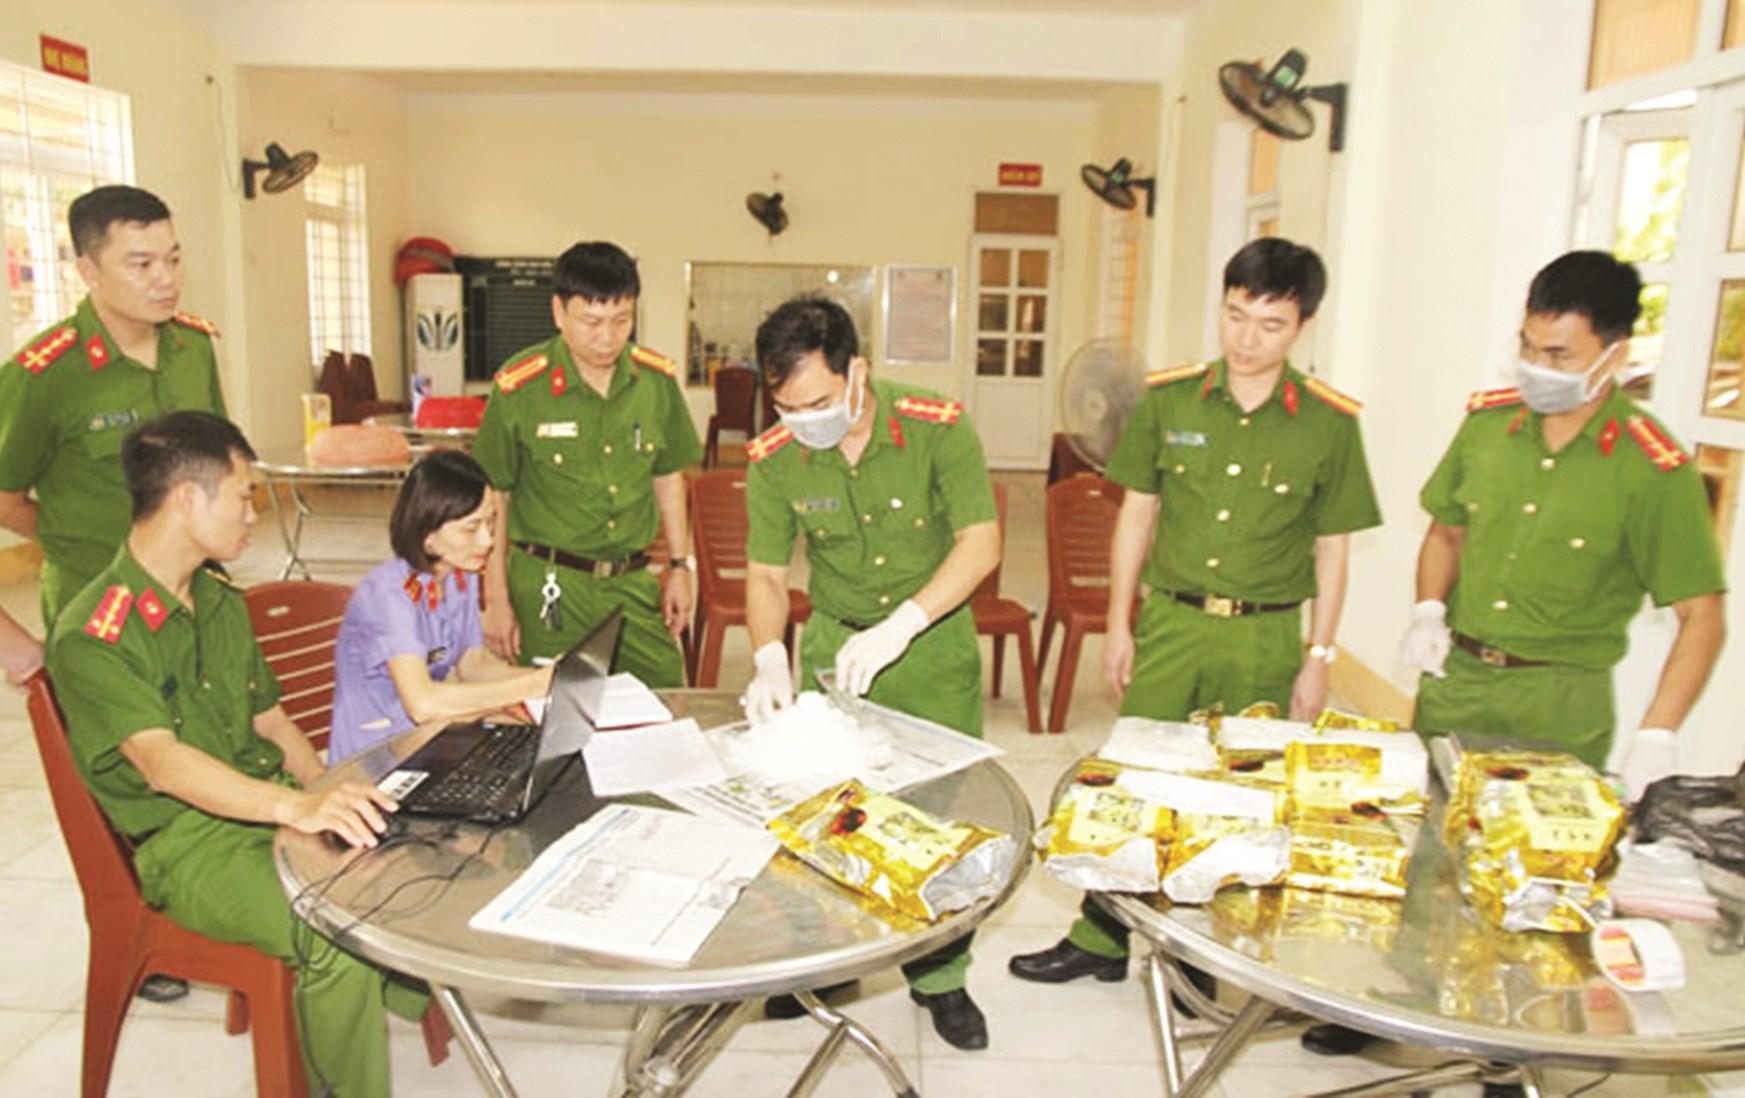 Lực lượng chức năng kiểm đếm số hàng ma túy đá thu giữ từ đối tượng Thắng.